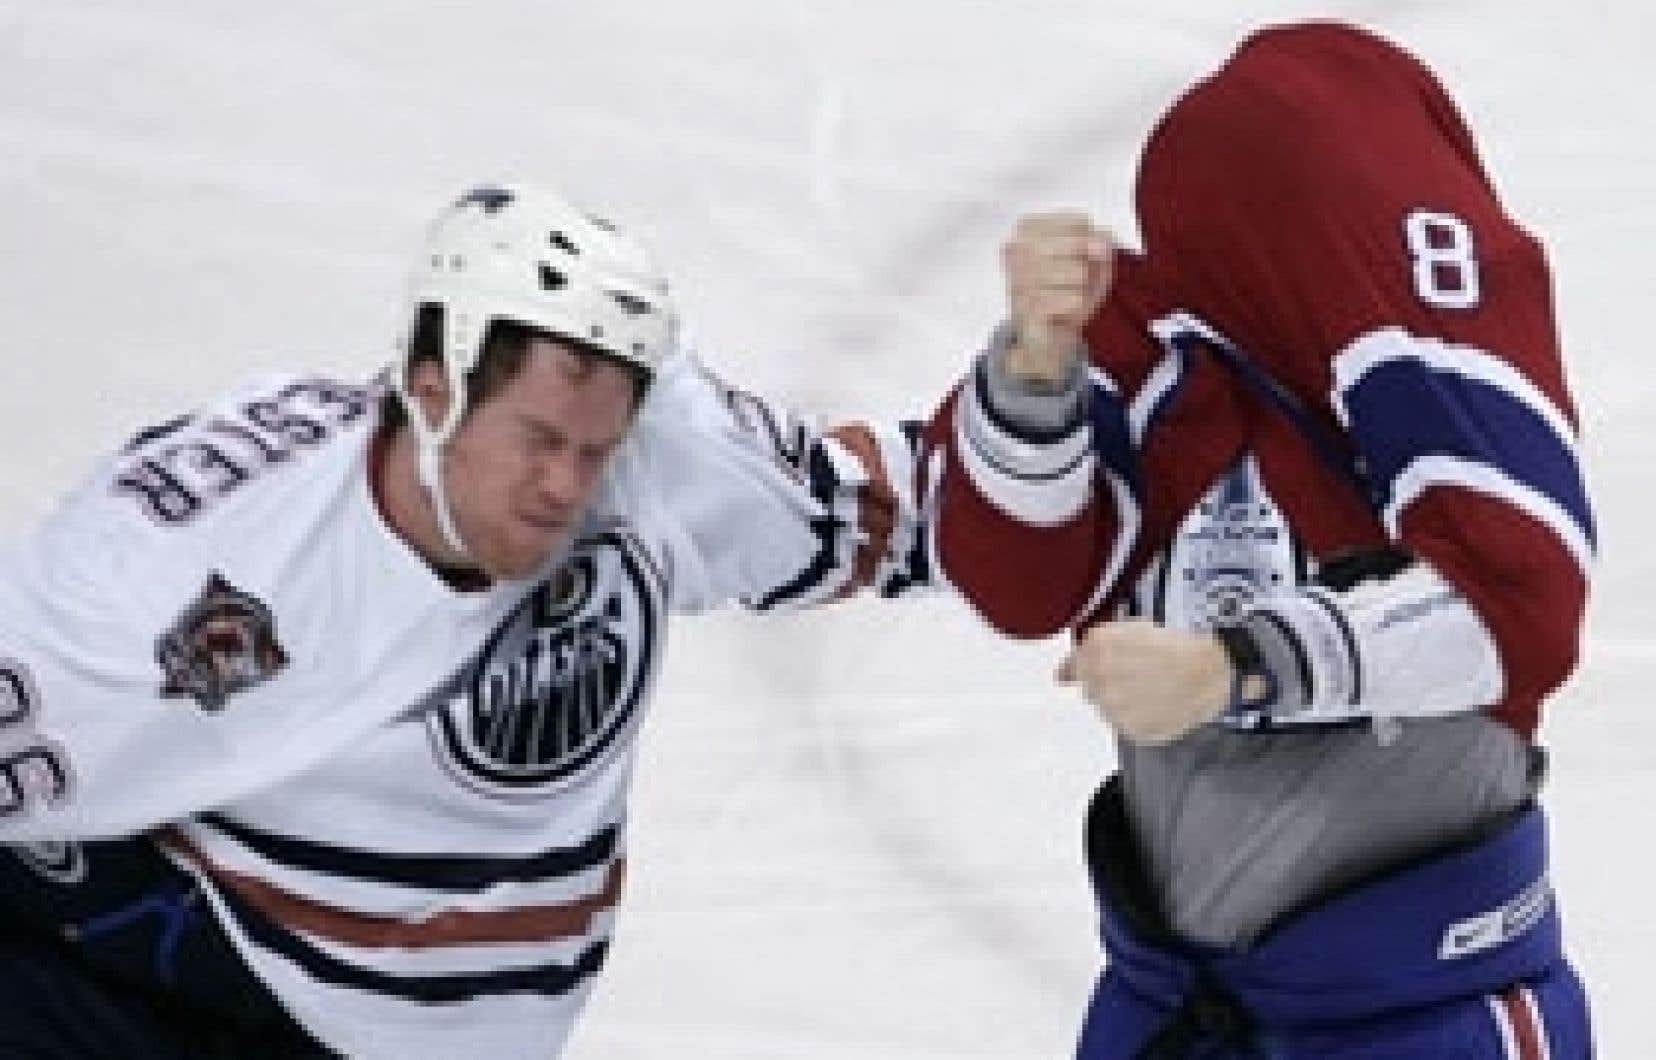 Mike Komisarek (à droite) s'en est pris à Brad Winchester qui venait de bousculer le gardien David Aebischer, lors du match du Canadien contre les Oilers d'Edmonton, mardi à Montréal.